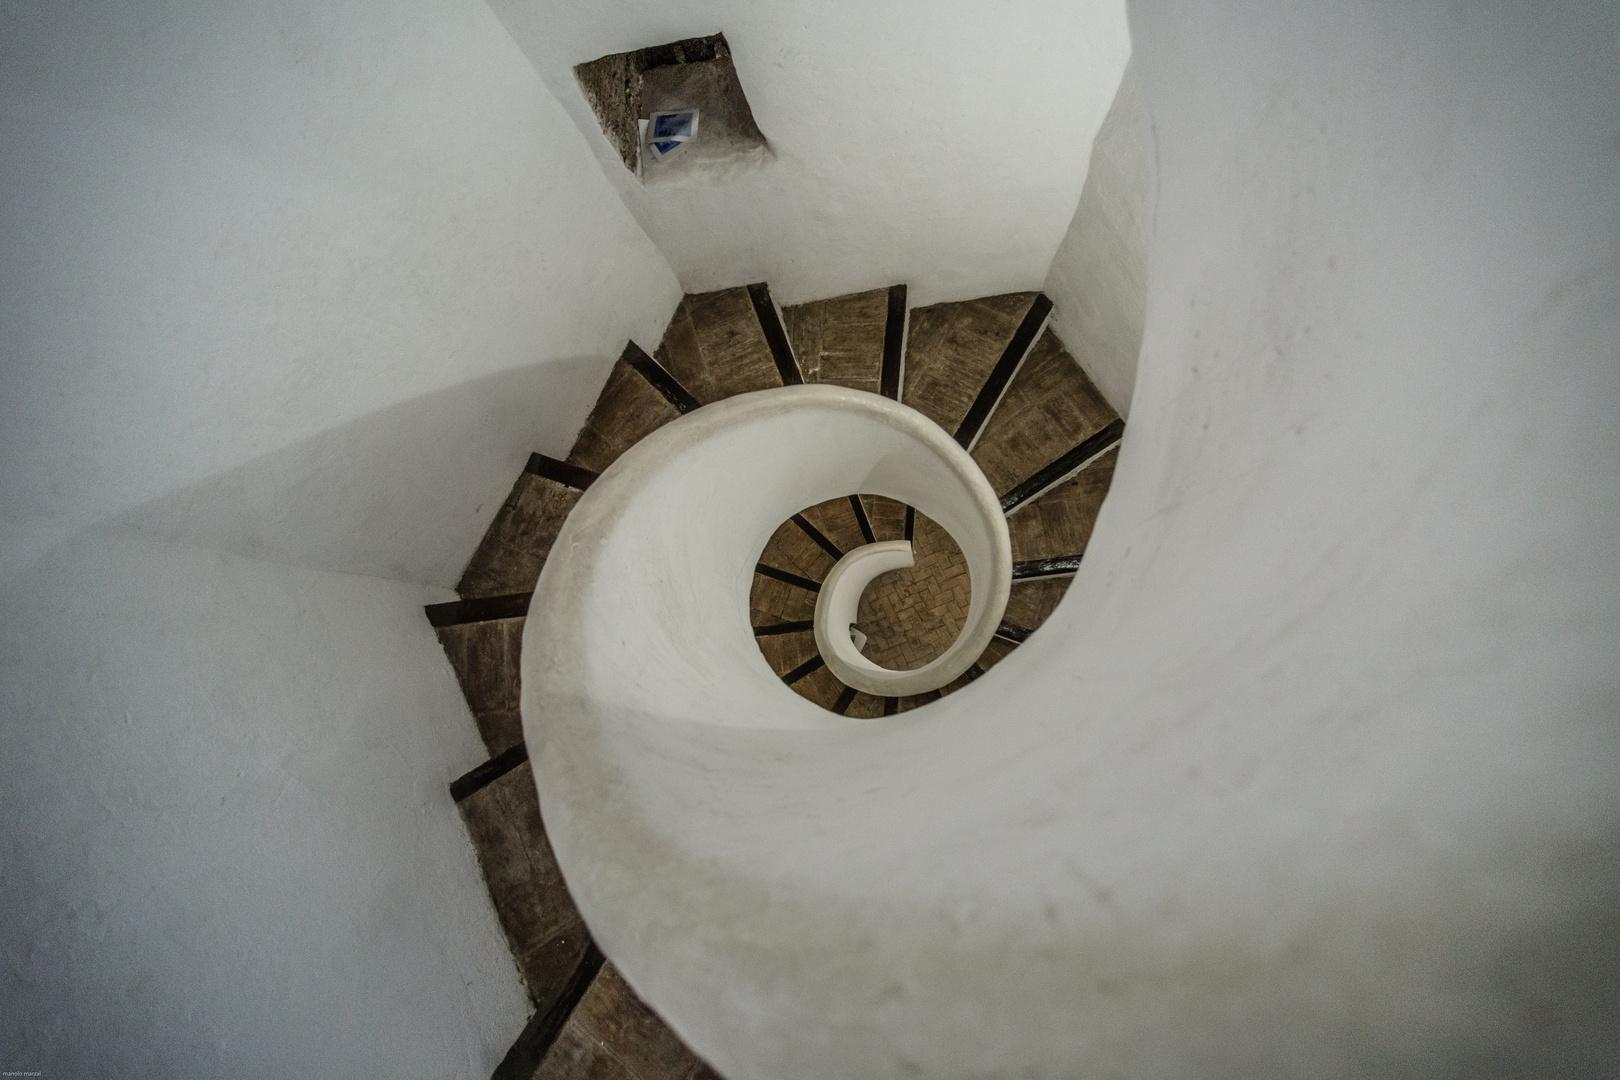 escalera Santa Catalina